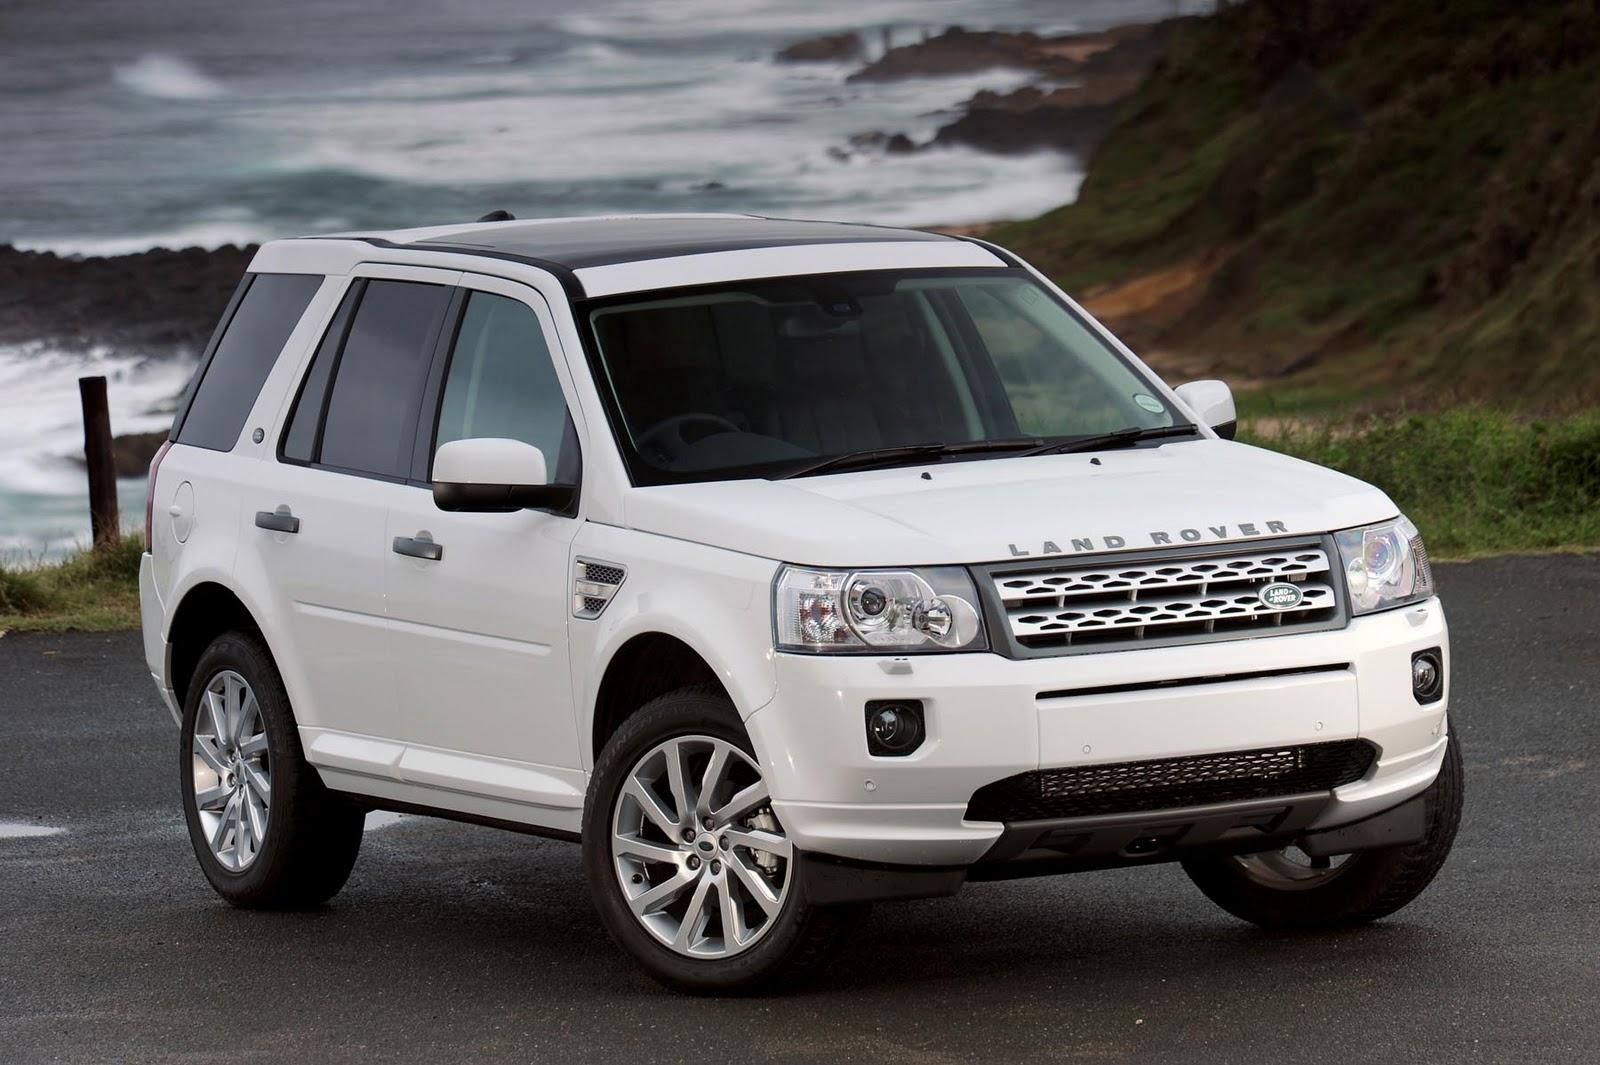 Land_Rover_Freelander_2_2.jpg